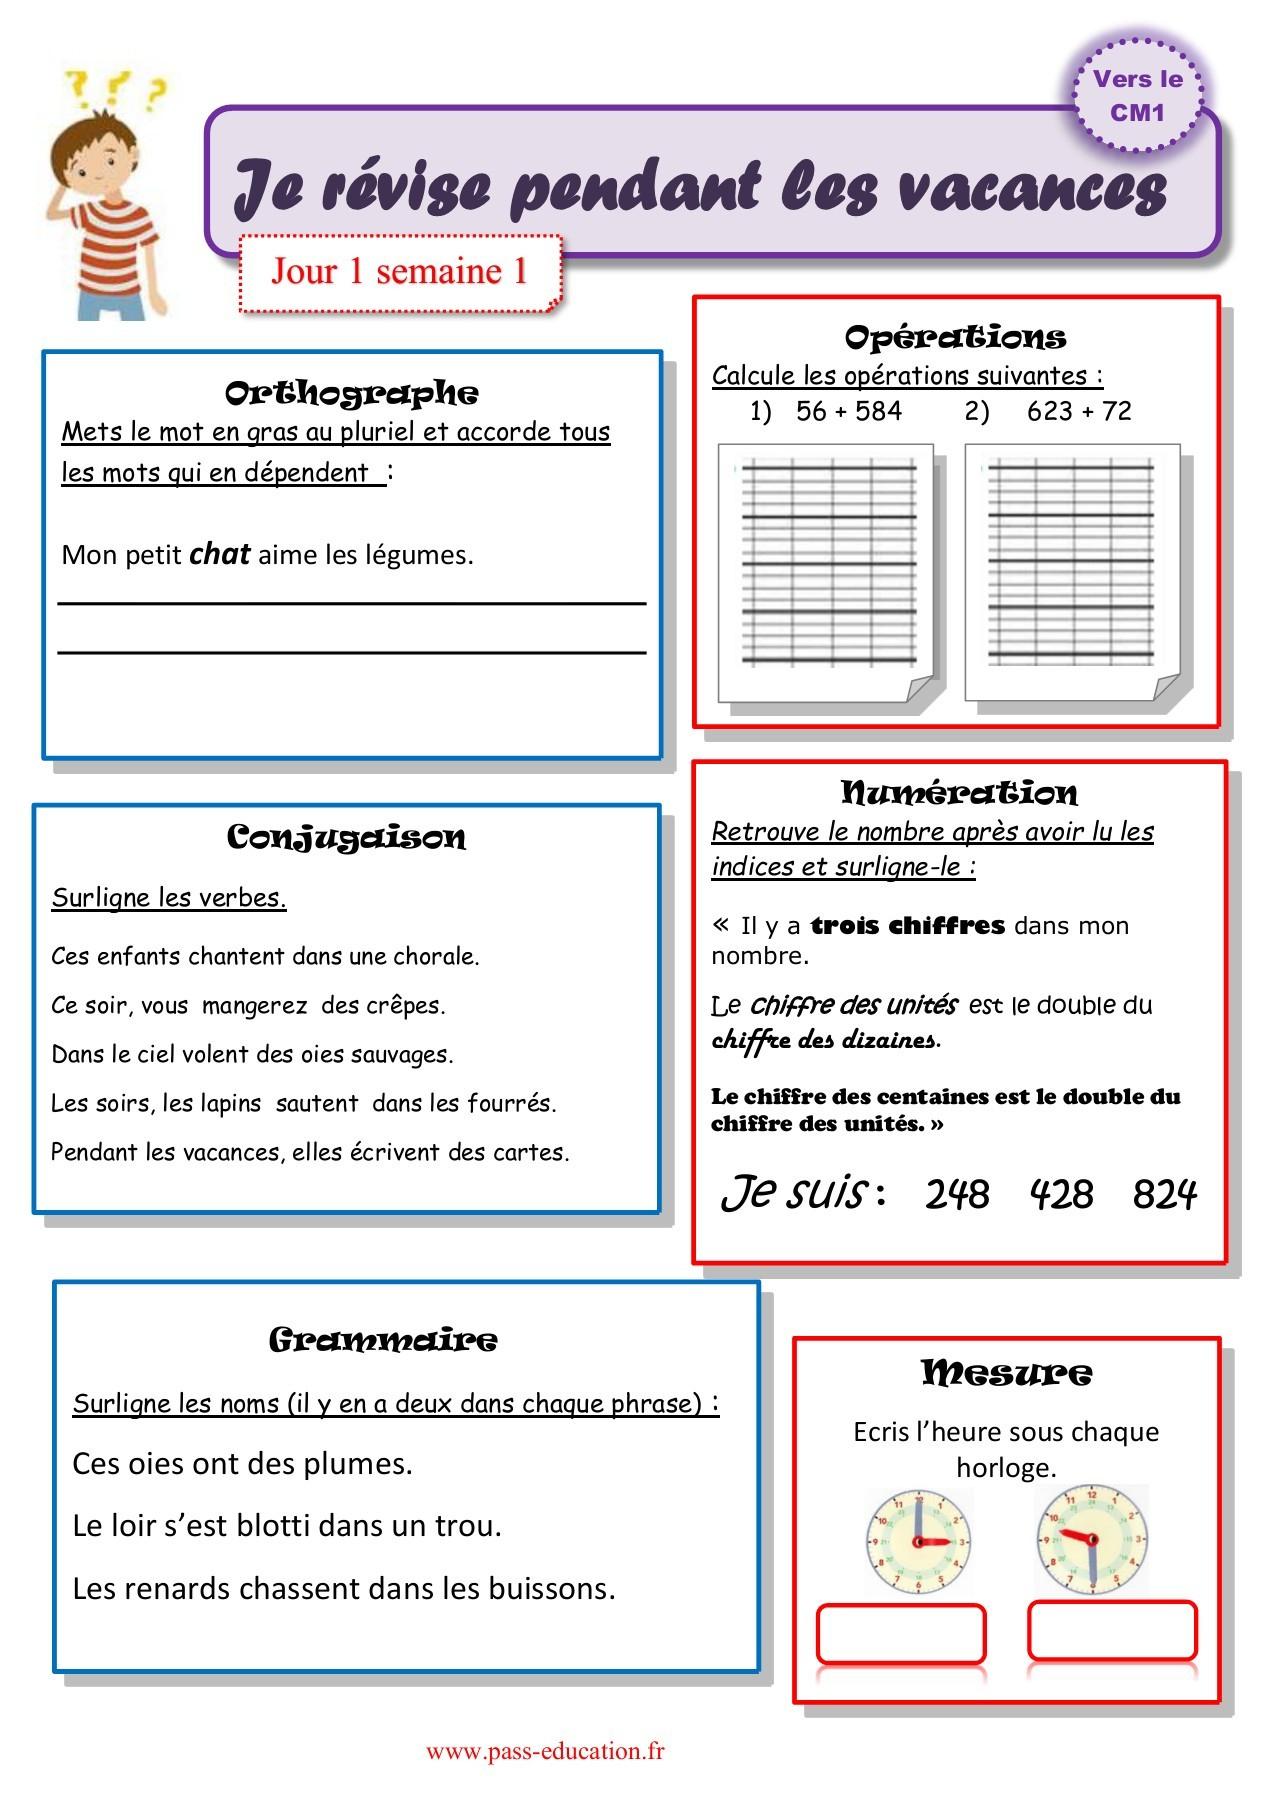 Cahier De Vacances Gratuit À Imprimer - Ce2 Vers Le Cm1 tout Cours Ce1 Gratuit A Imprimer